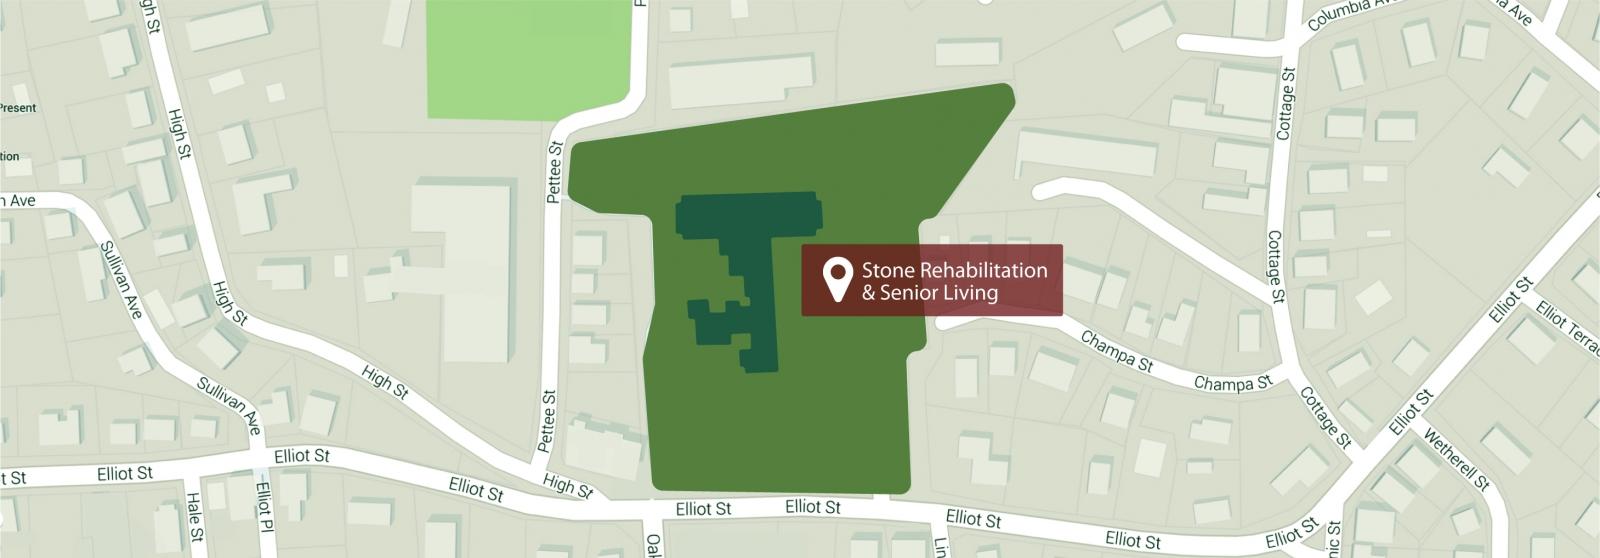 stonerehab-location